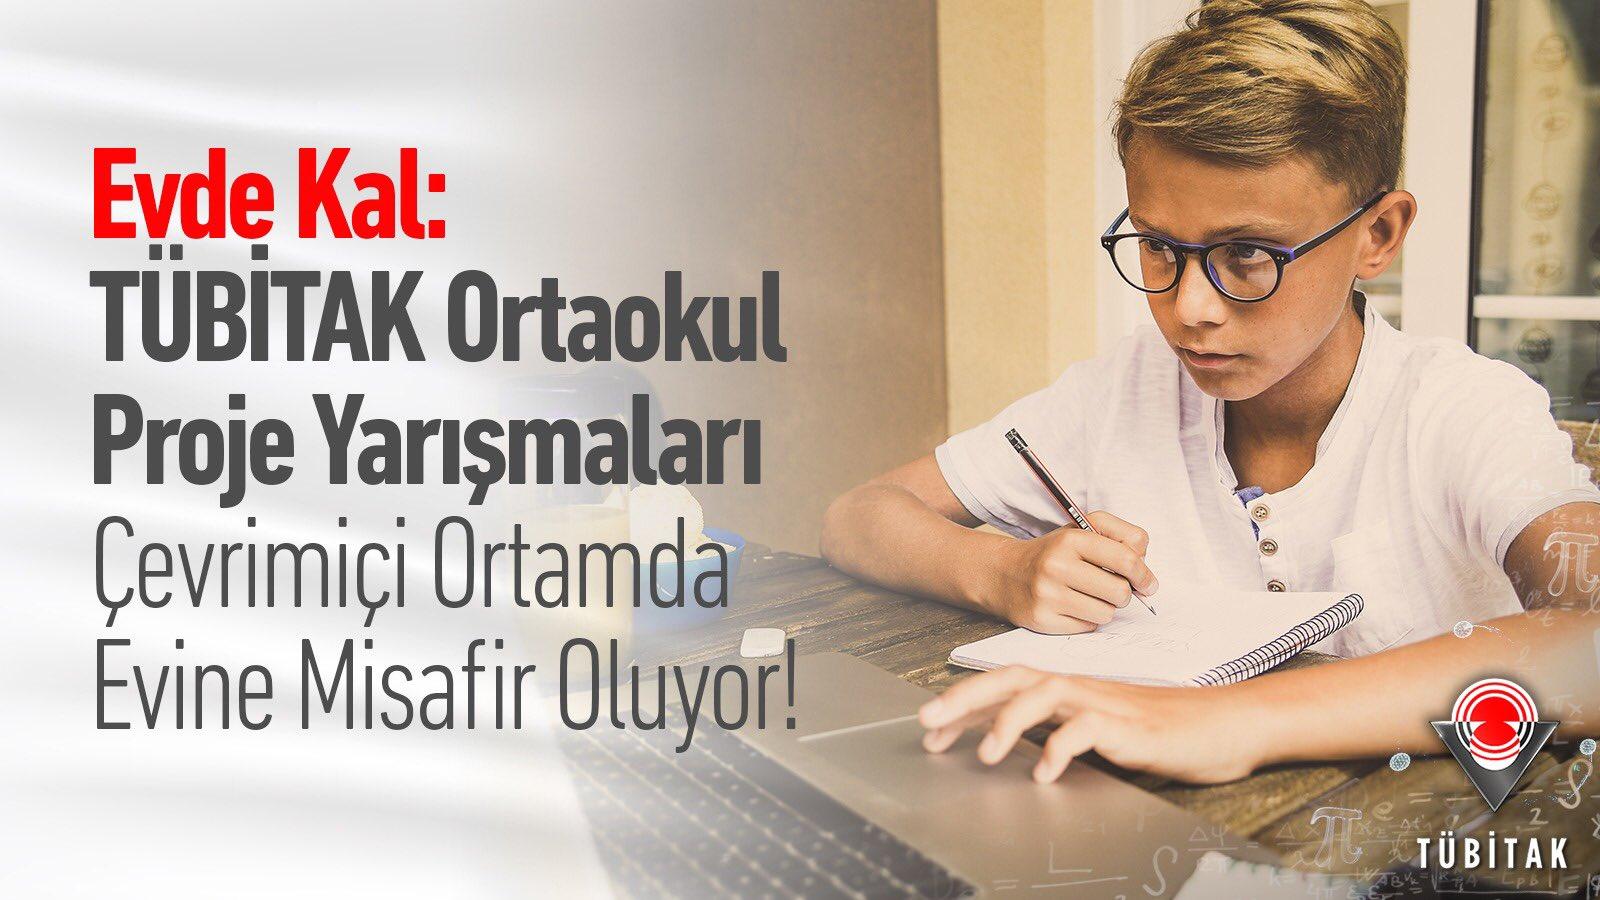 Photo of TÜBİTAK Ortaokul Proje Yarışmaları Bölge Sergisi değerlendirmeleri çevrimiçi olacak!